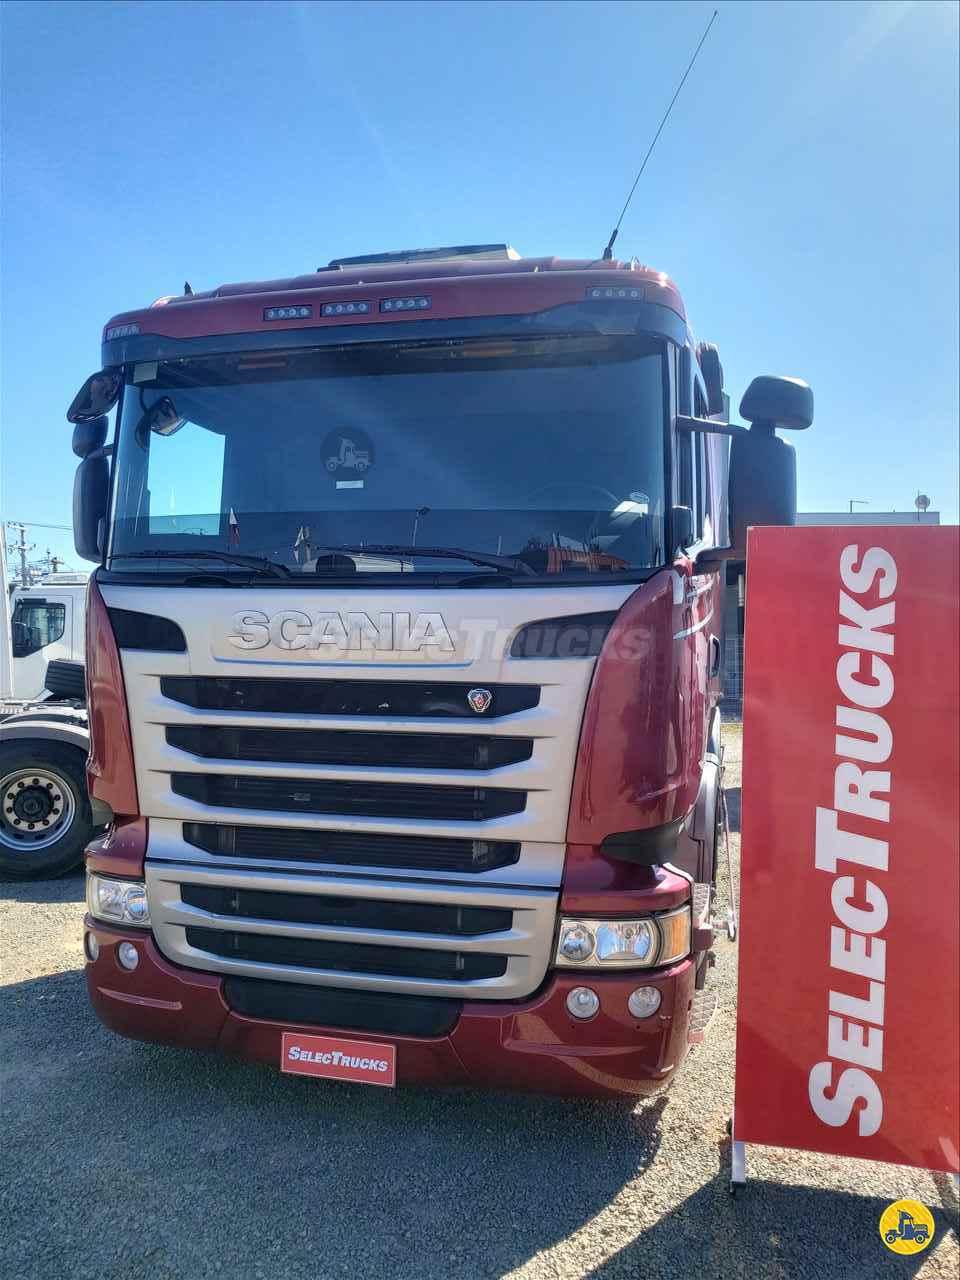 CAMINHAO SCANIA SCANIA 450 Cavalo Mecânico Truck 6x2 SelecTrucks - Limeira SP LIMEIRA SÃO PAULO SP